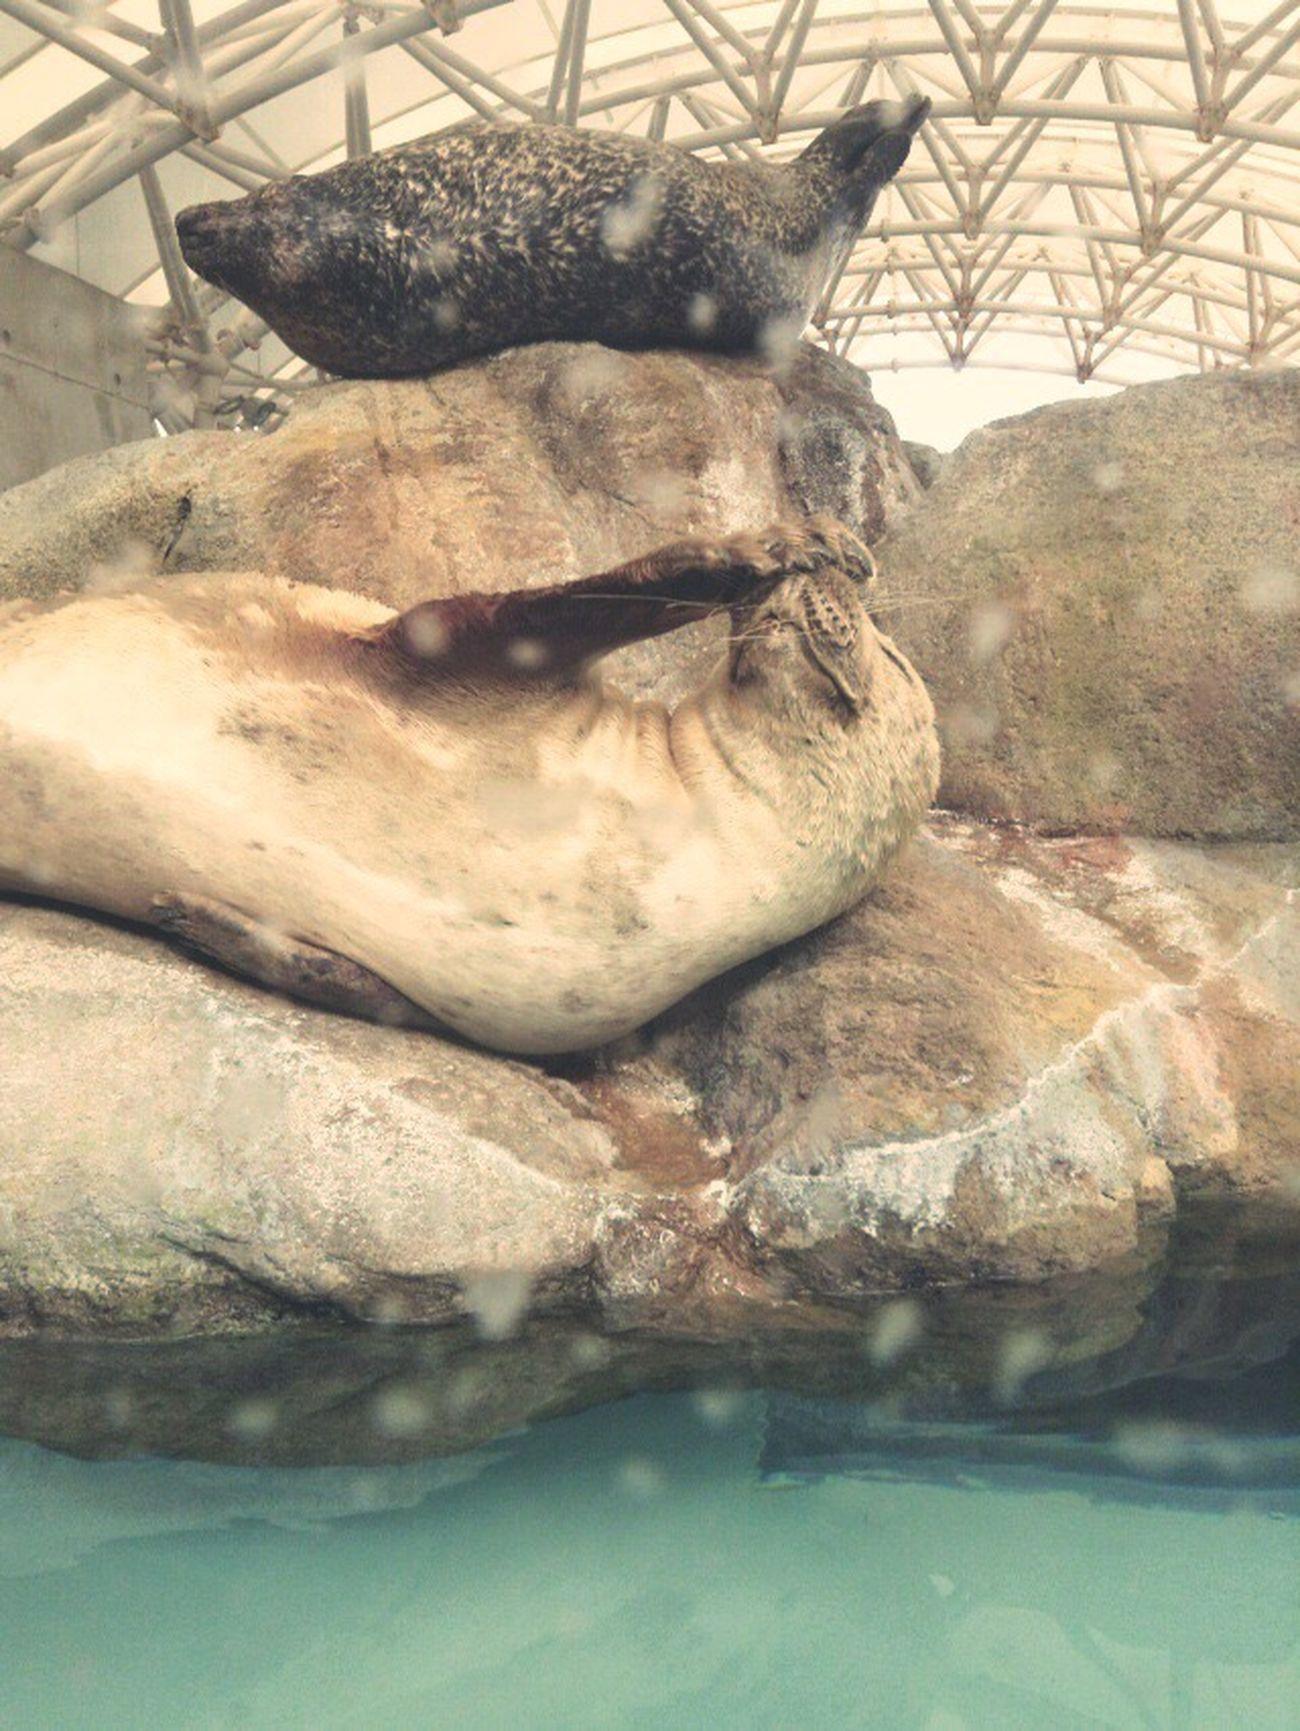 アザラシ 城崎マリンワールド 水族館 動物 Kinosaki Aquarium Seal Sea Dog Animals